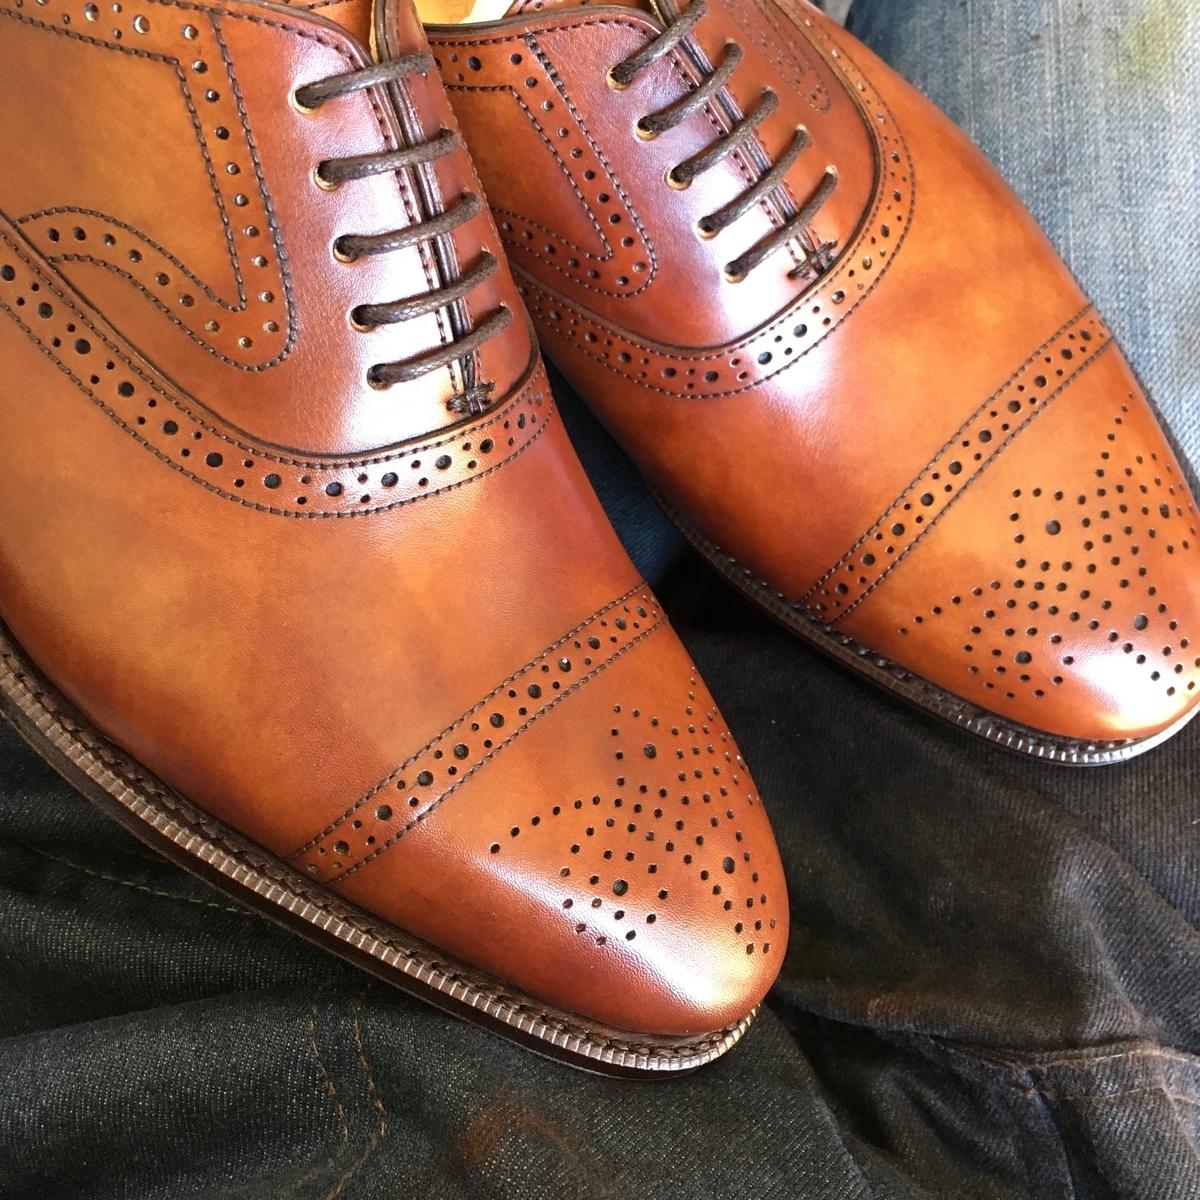 f:id:raymar-shoes:20190416002136j:plain